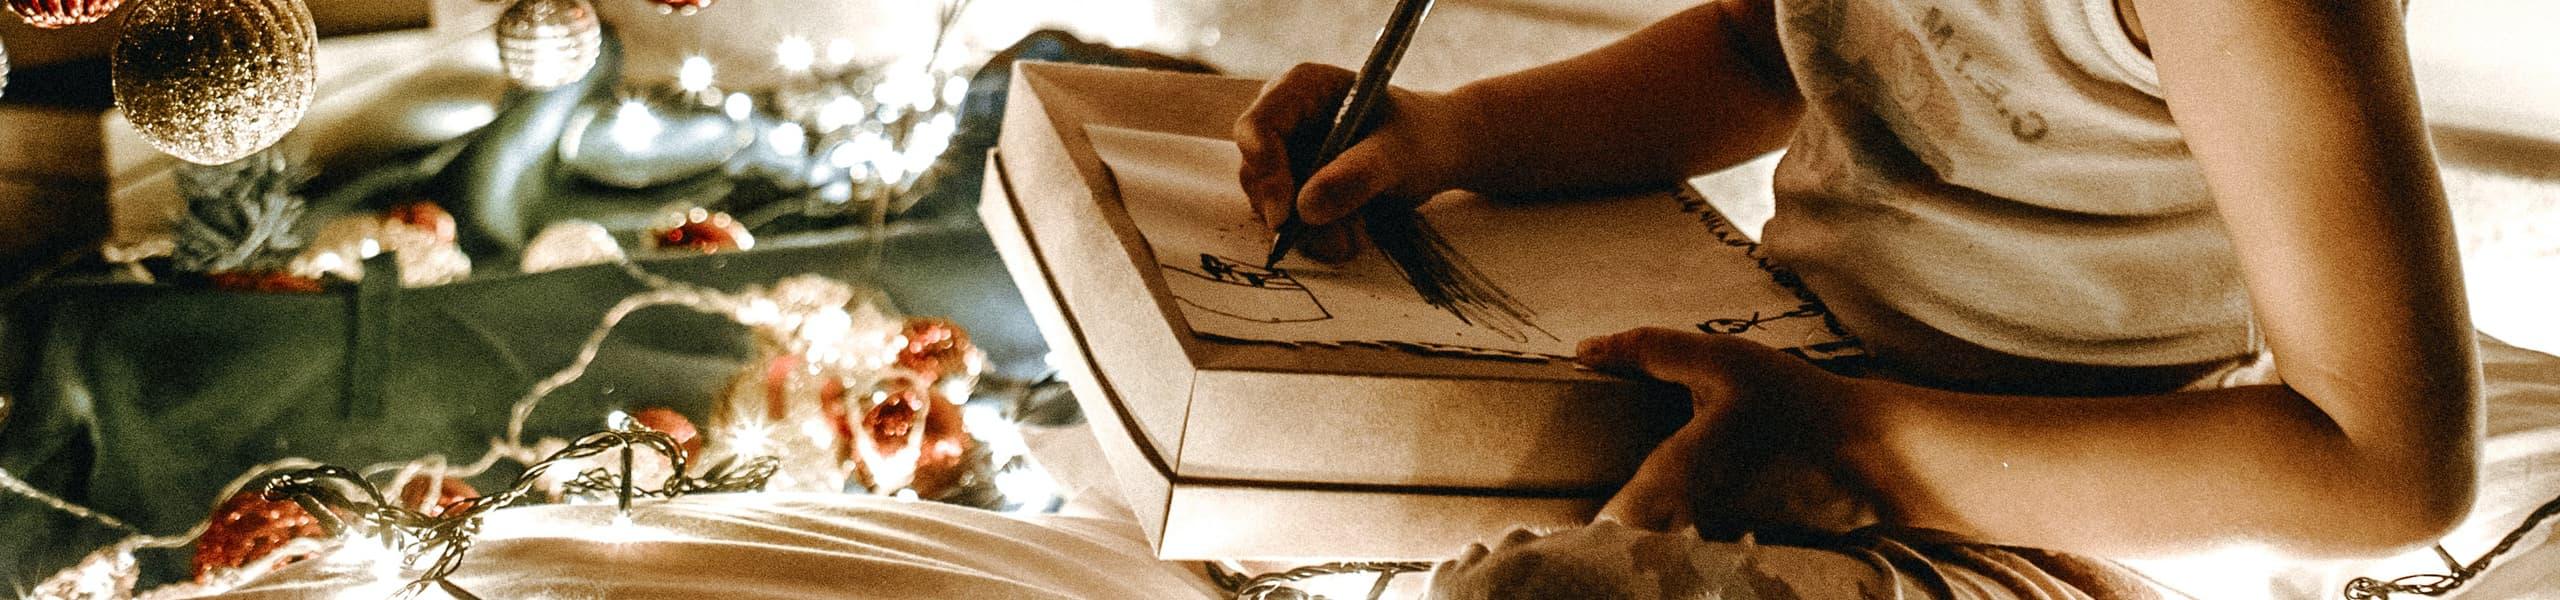 10 regali per artisti e disegnatori natale 2020